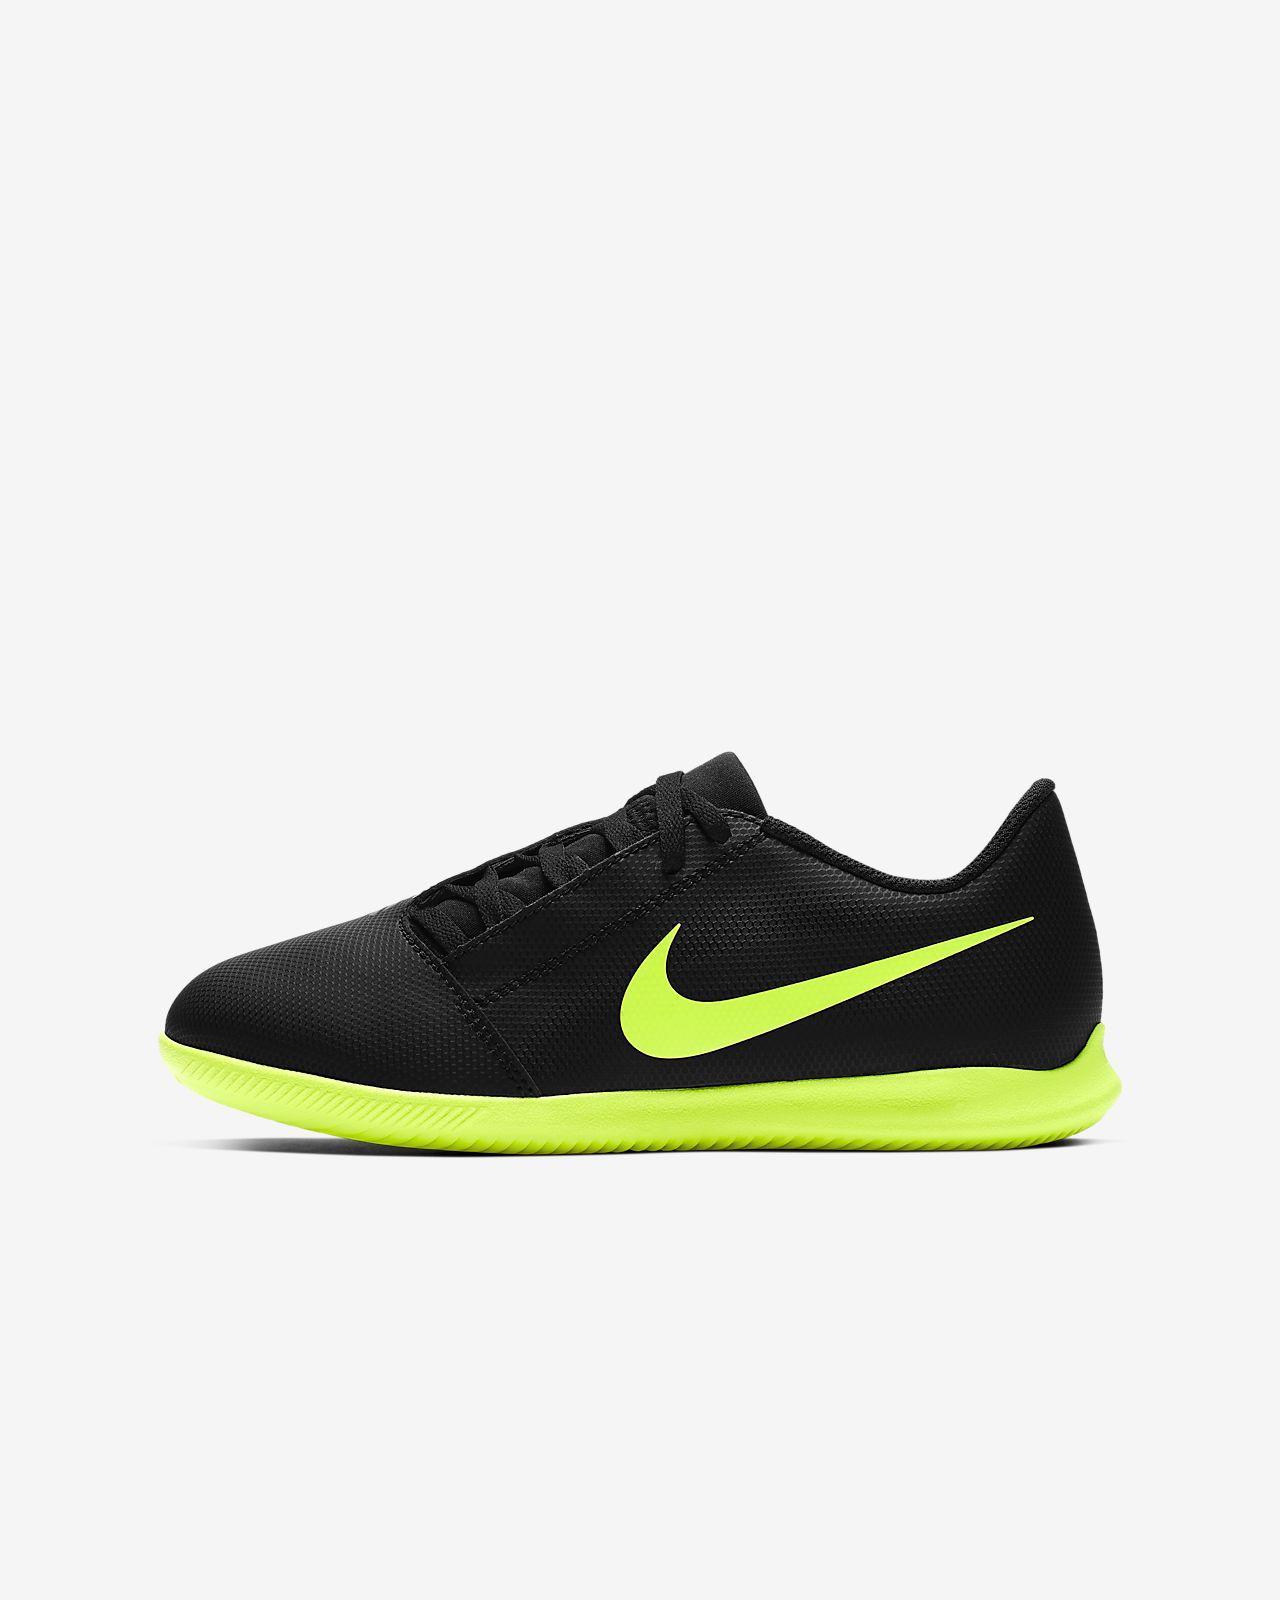 Nike Jr. Phantom Venom Club IC Fußballschuh für Hallen- und Hartplätze für jüngere/ältere Kinder